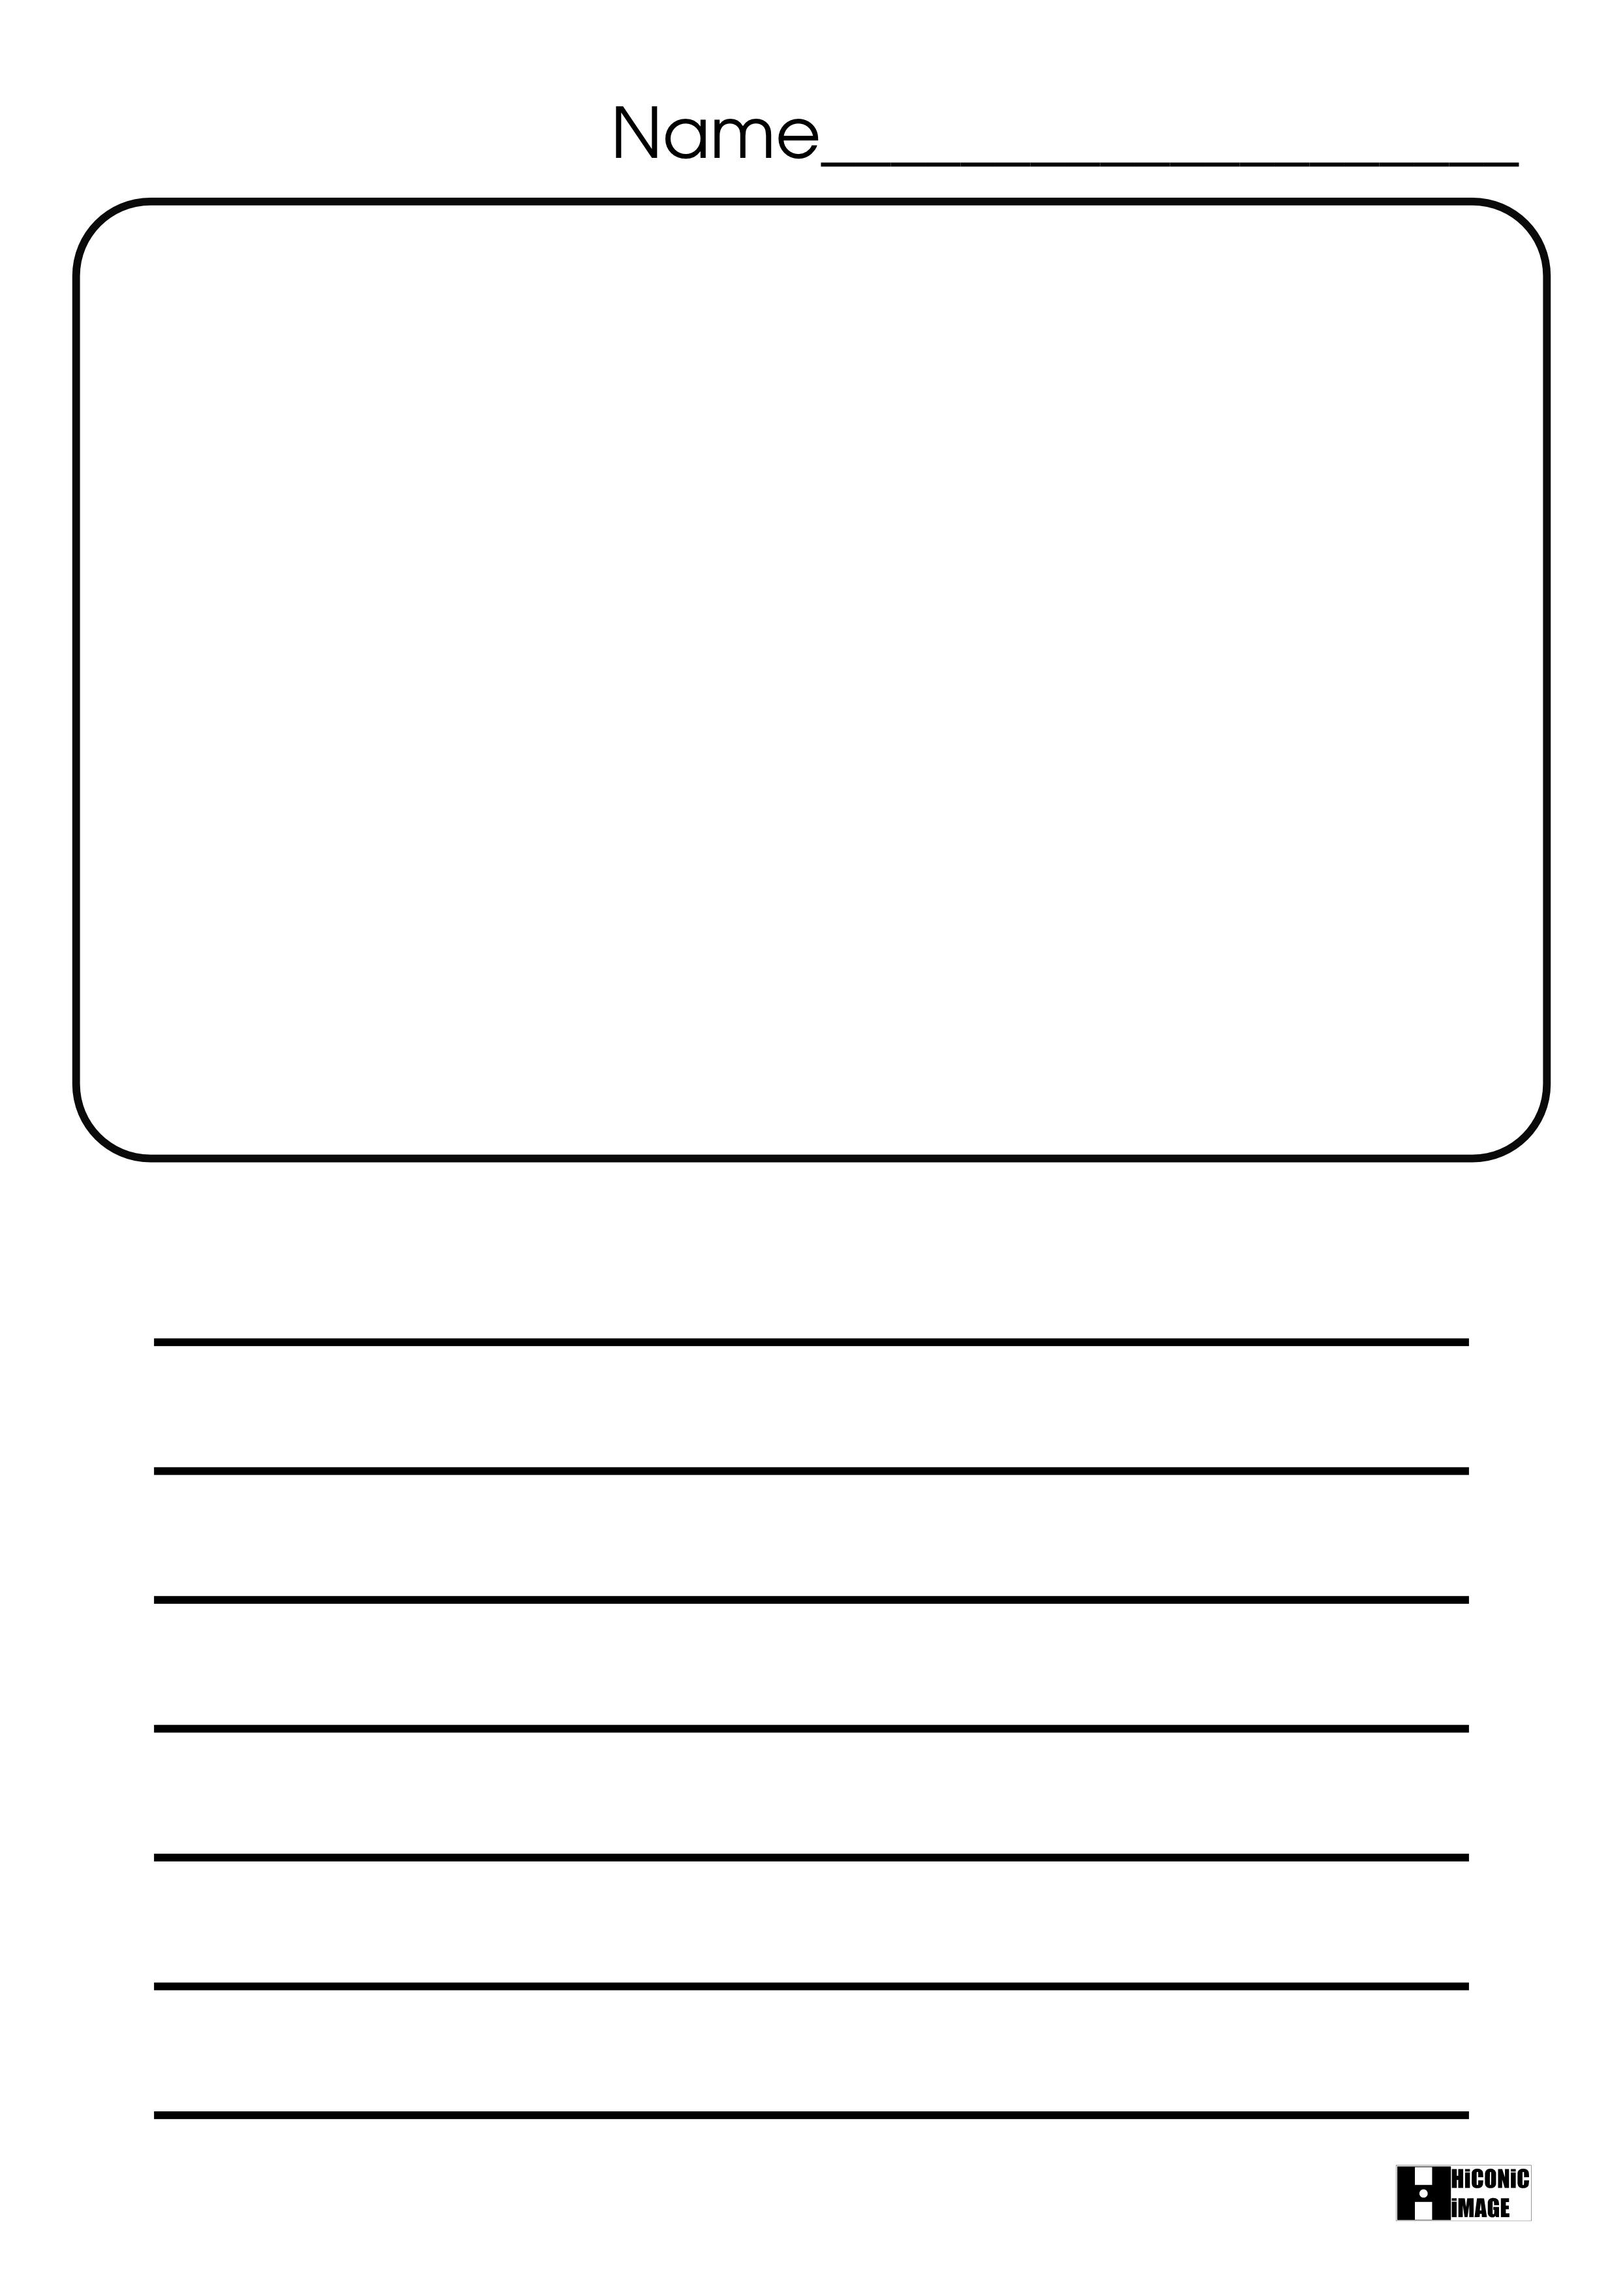 Blank Line Worksheet